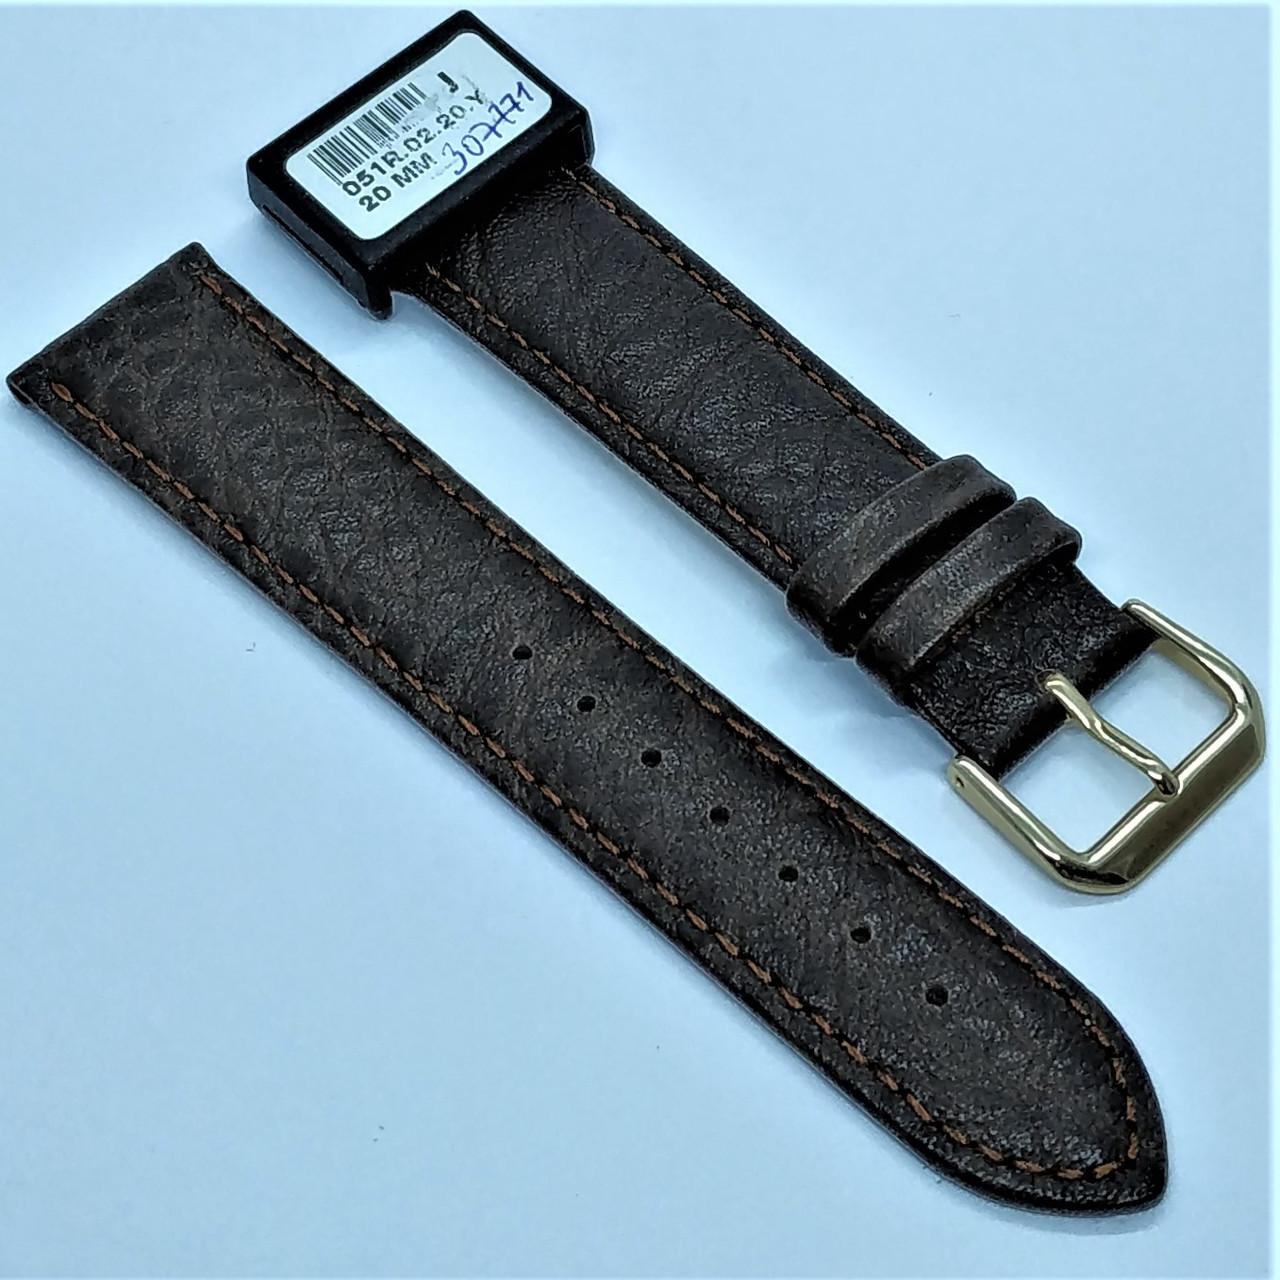 20 мм Кожаный Ремешок для часов CONDOR 051.20.02 Коричневый Ремешок на часы из Натуральной кожи